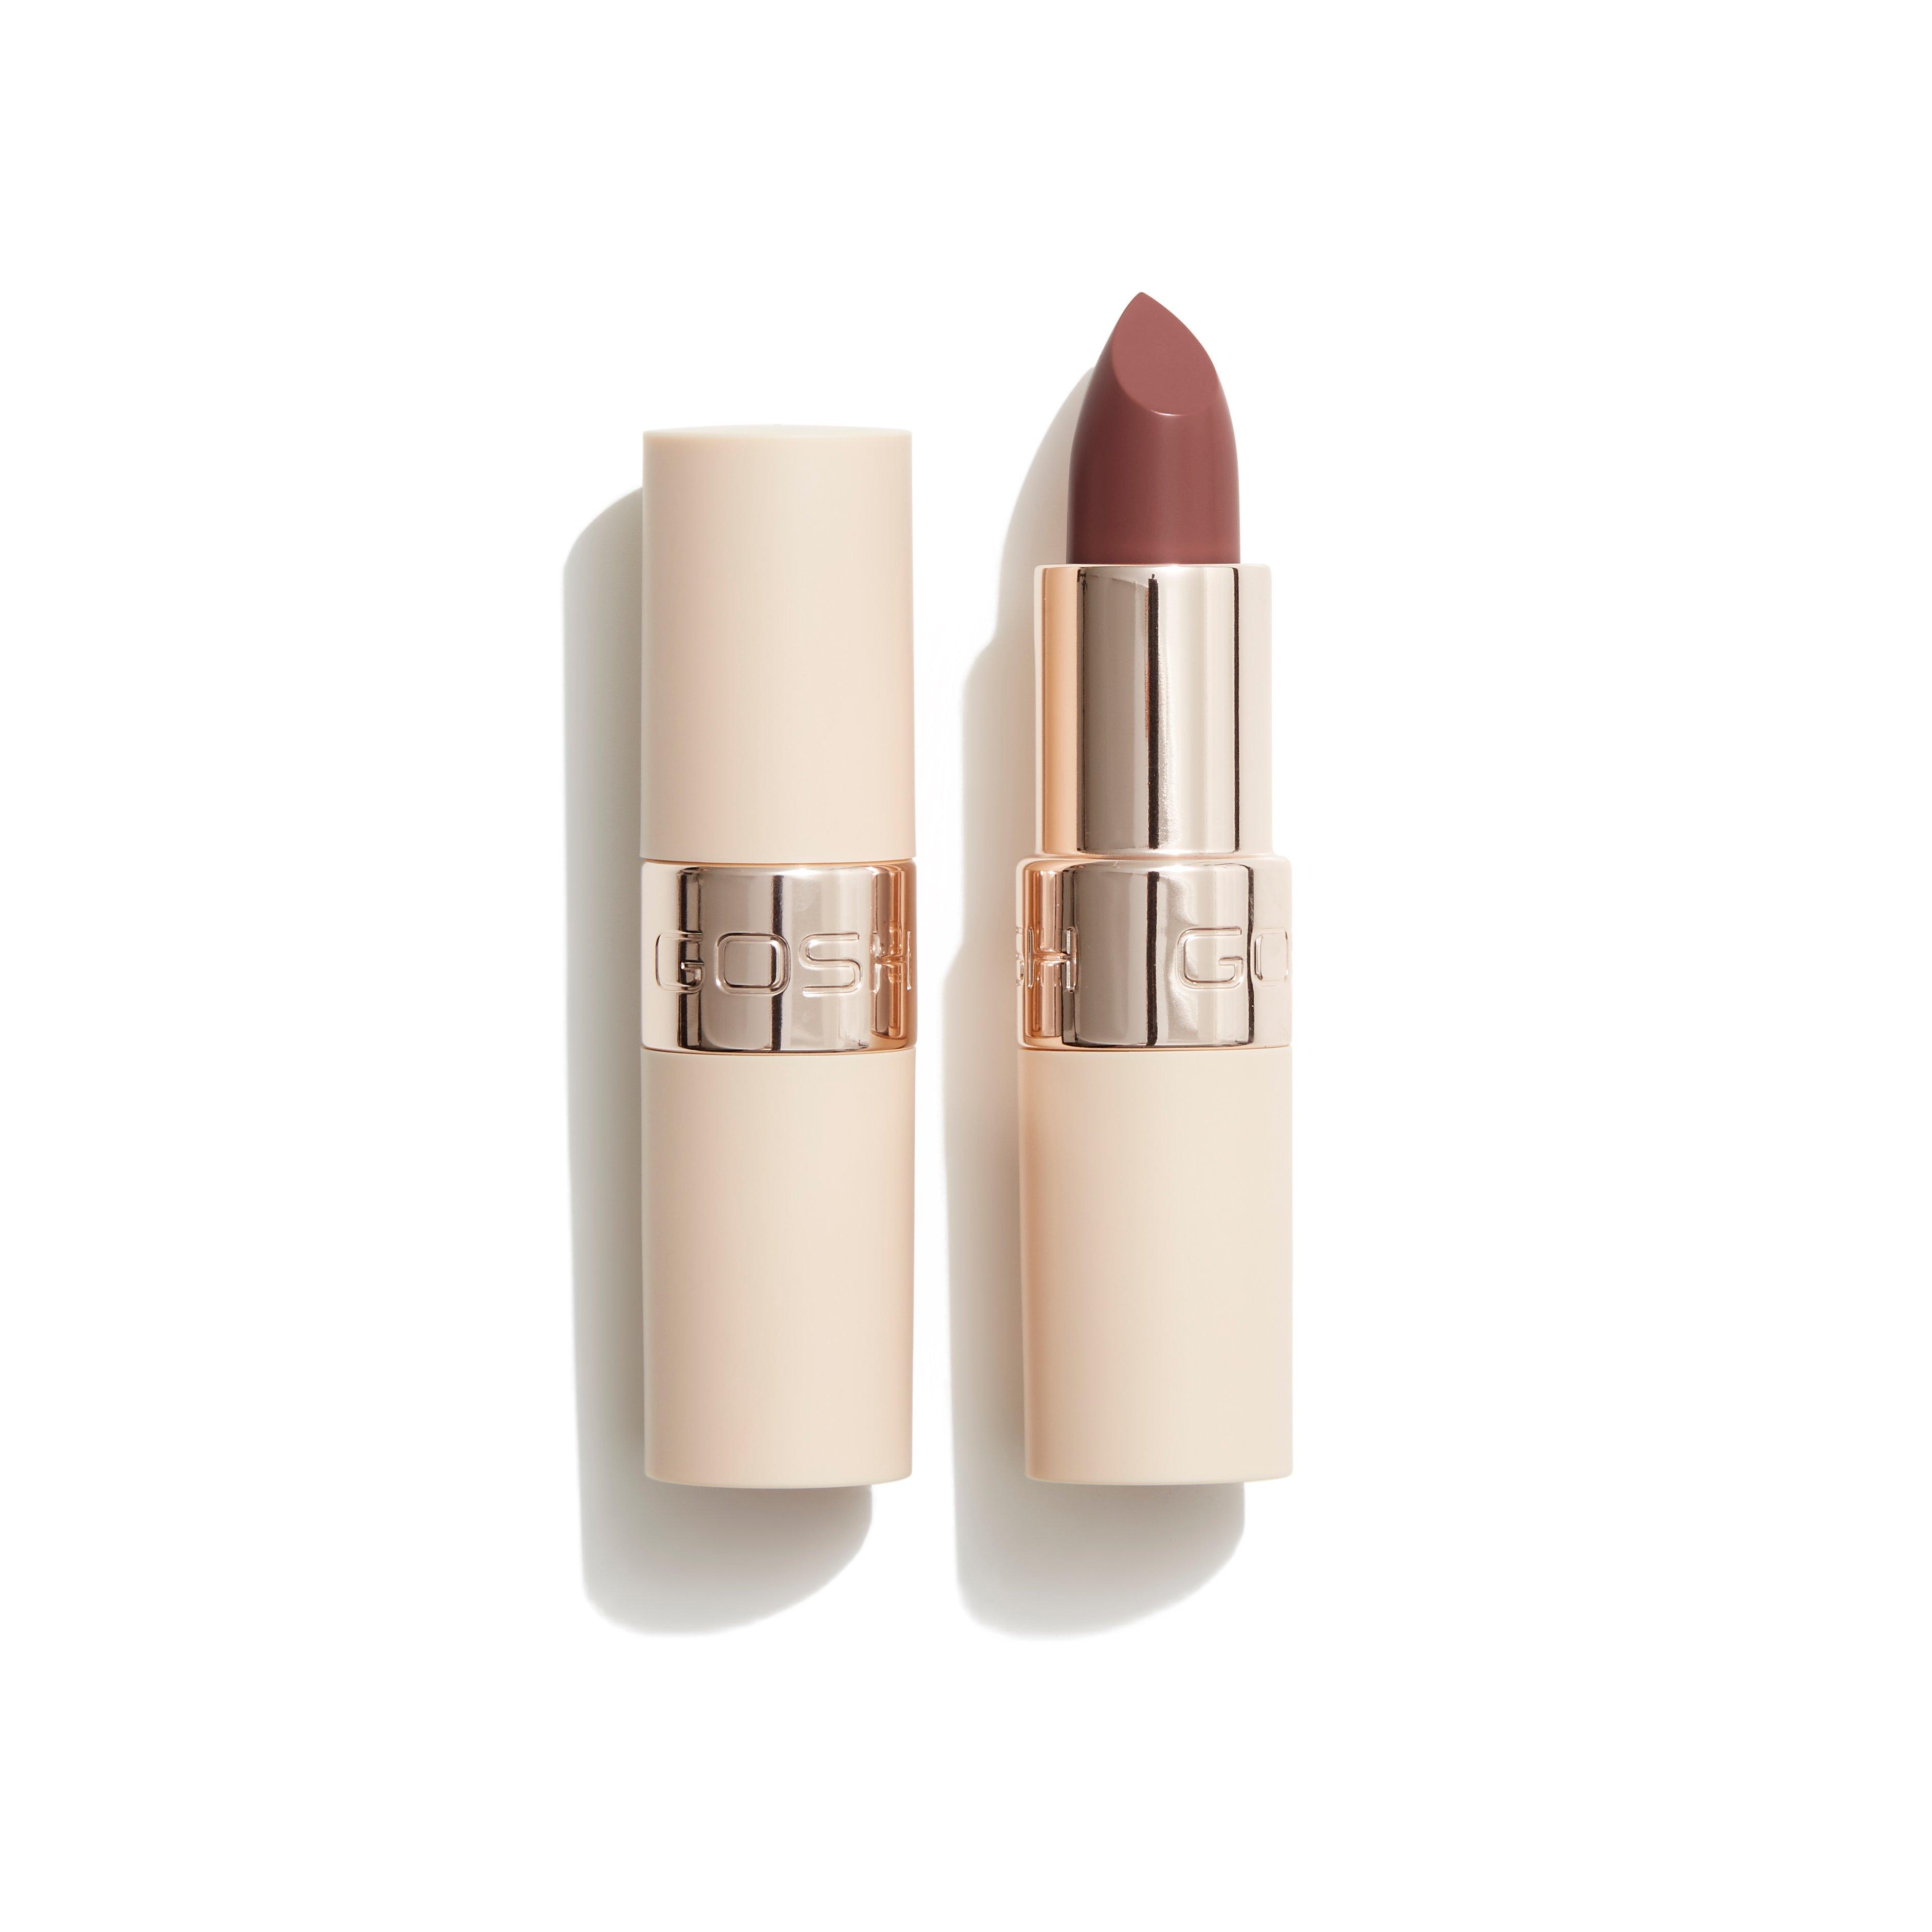 GOSH Copenhagen - Luxury Nude Lips - 003 Stripped